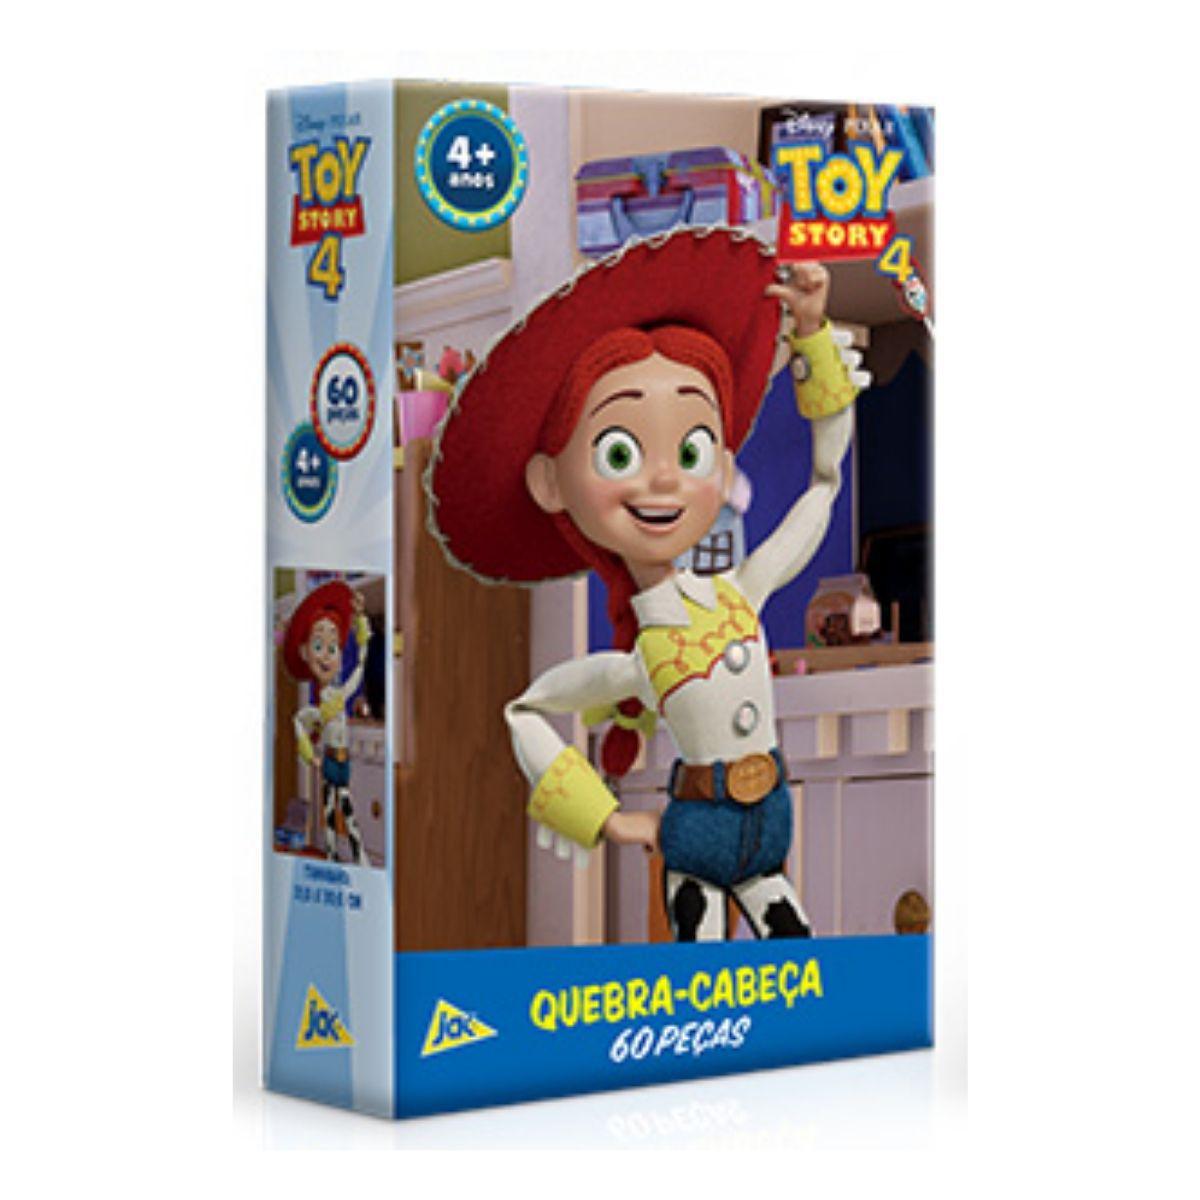 Toy Story Quebra Cabeça Infantil 60 peças Jessie  - Game Land Brinquedos